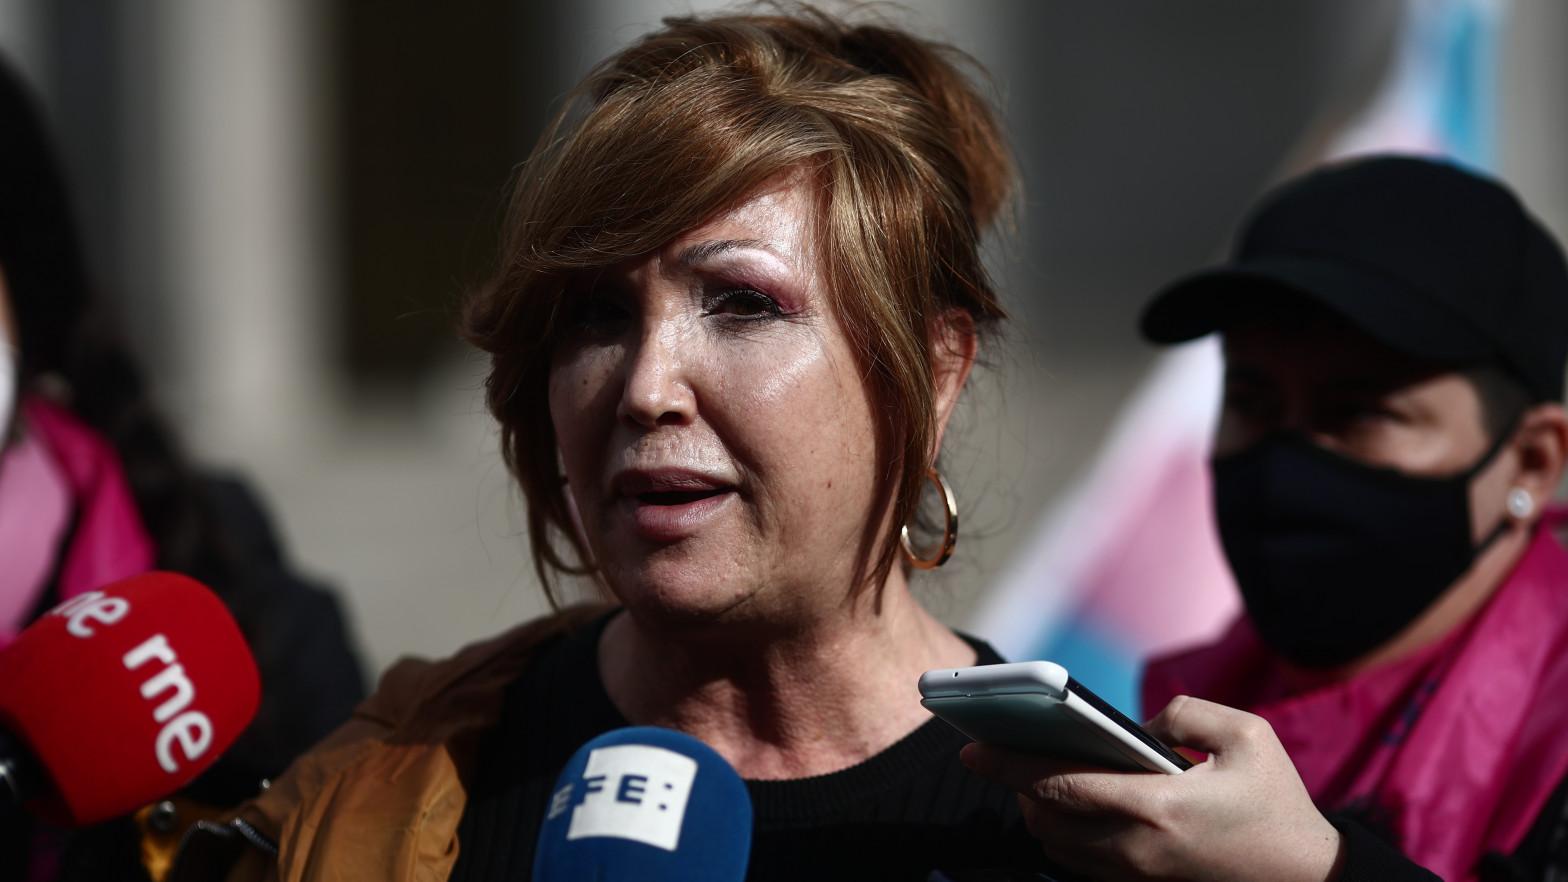 La presidenta de la Federación Plataforma Trans, Mar Cambrollé.